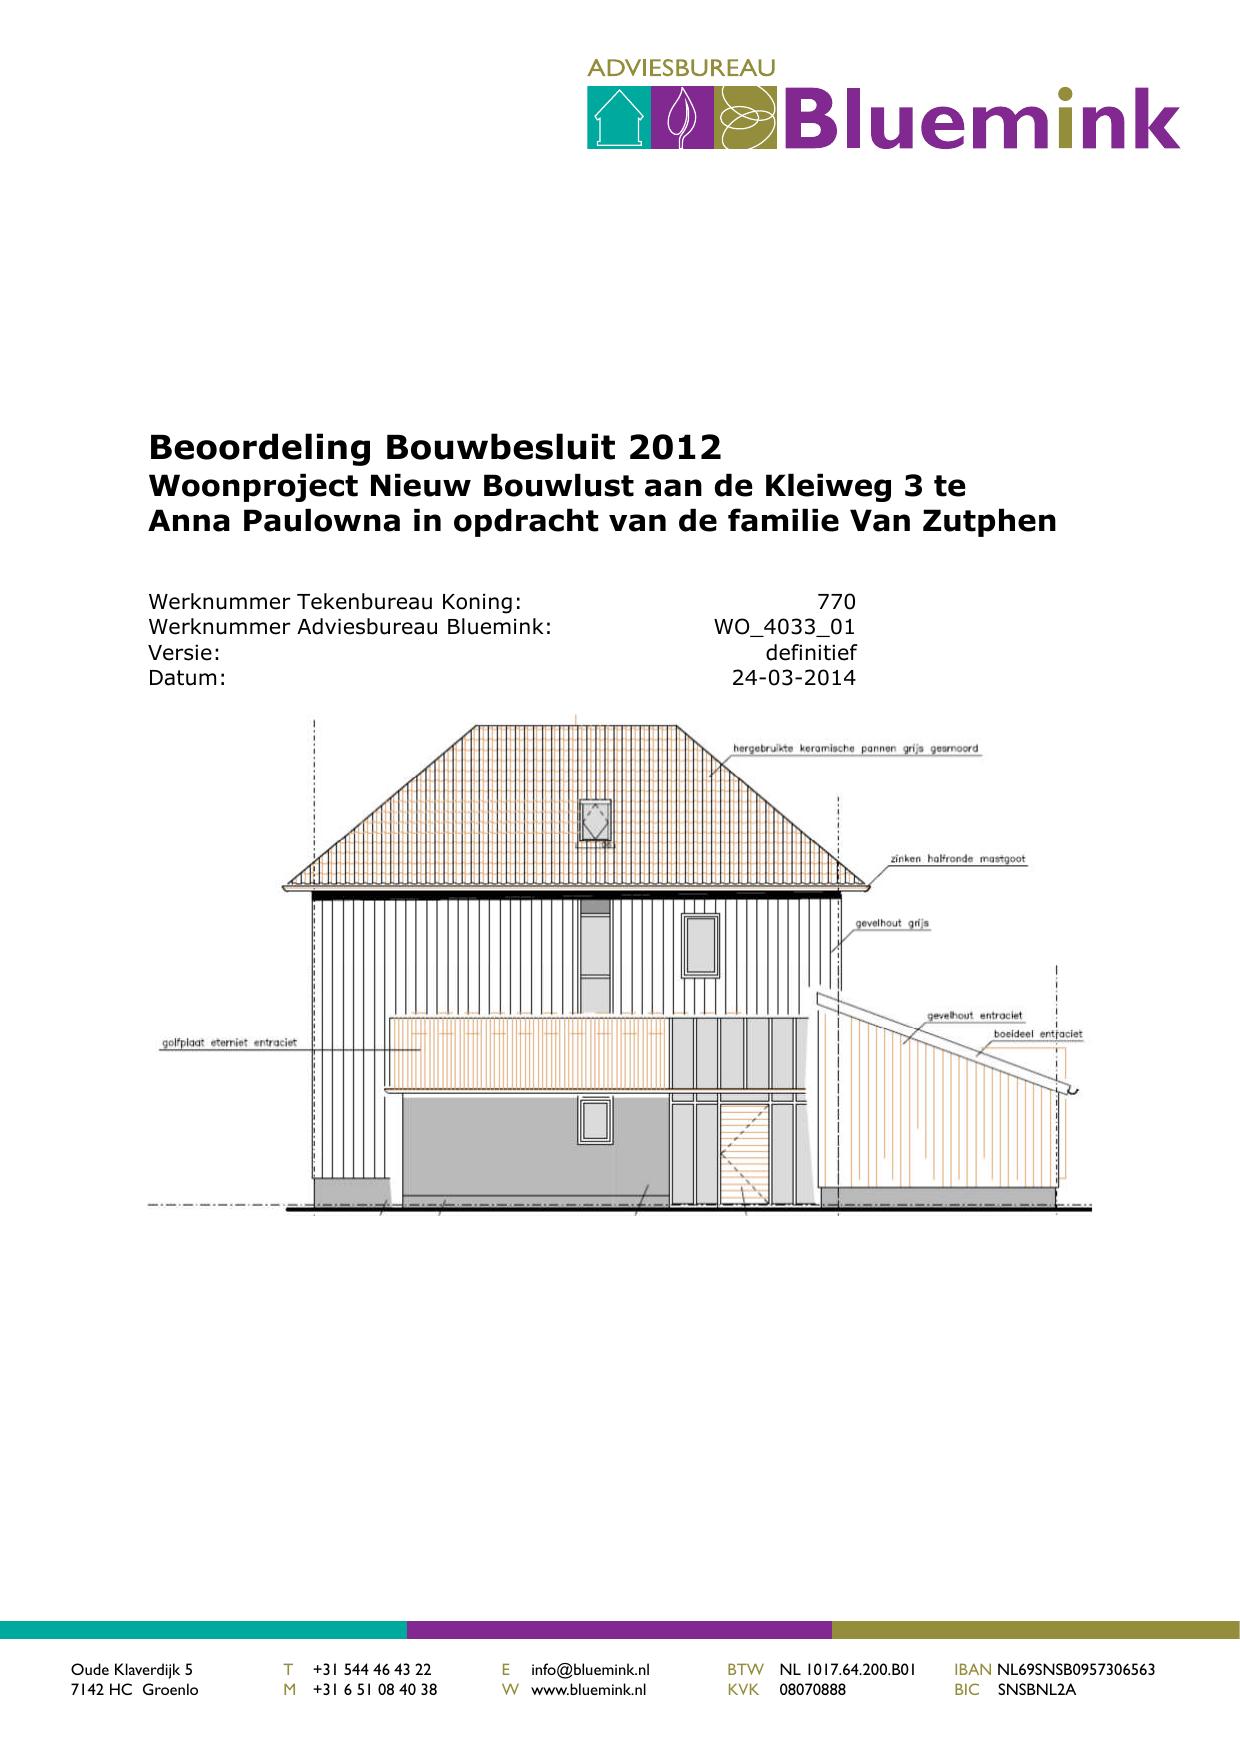 Beoordeling Bouwbesluit 2012 | manualzz.com